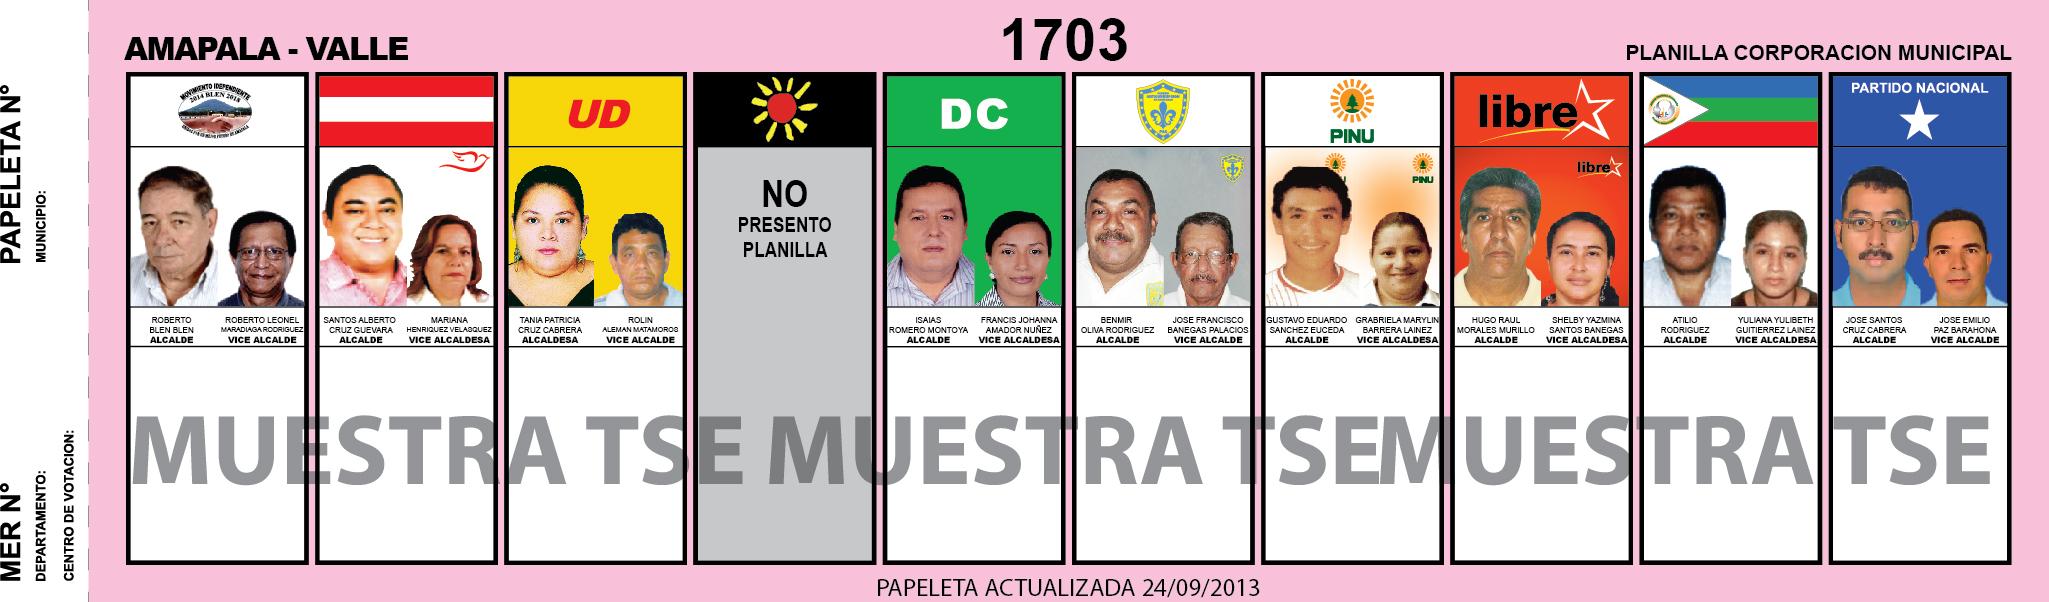 CANDIDATOS 2013 MUNICIPIO AMAPALA - VALLE - HONDURAS